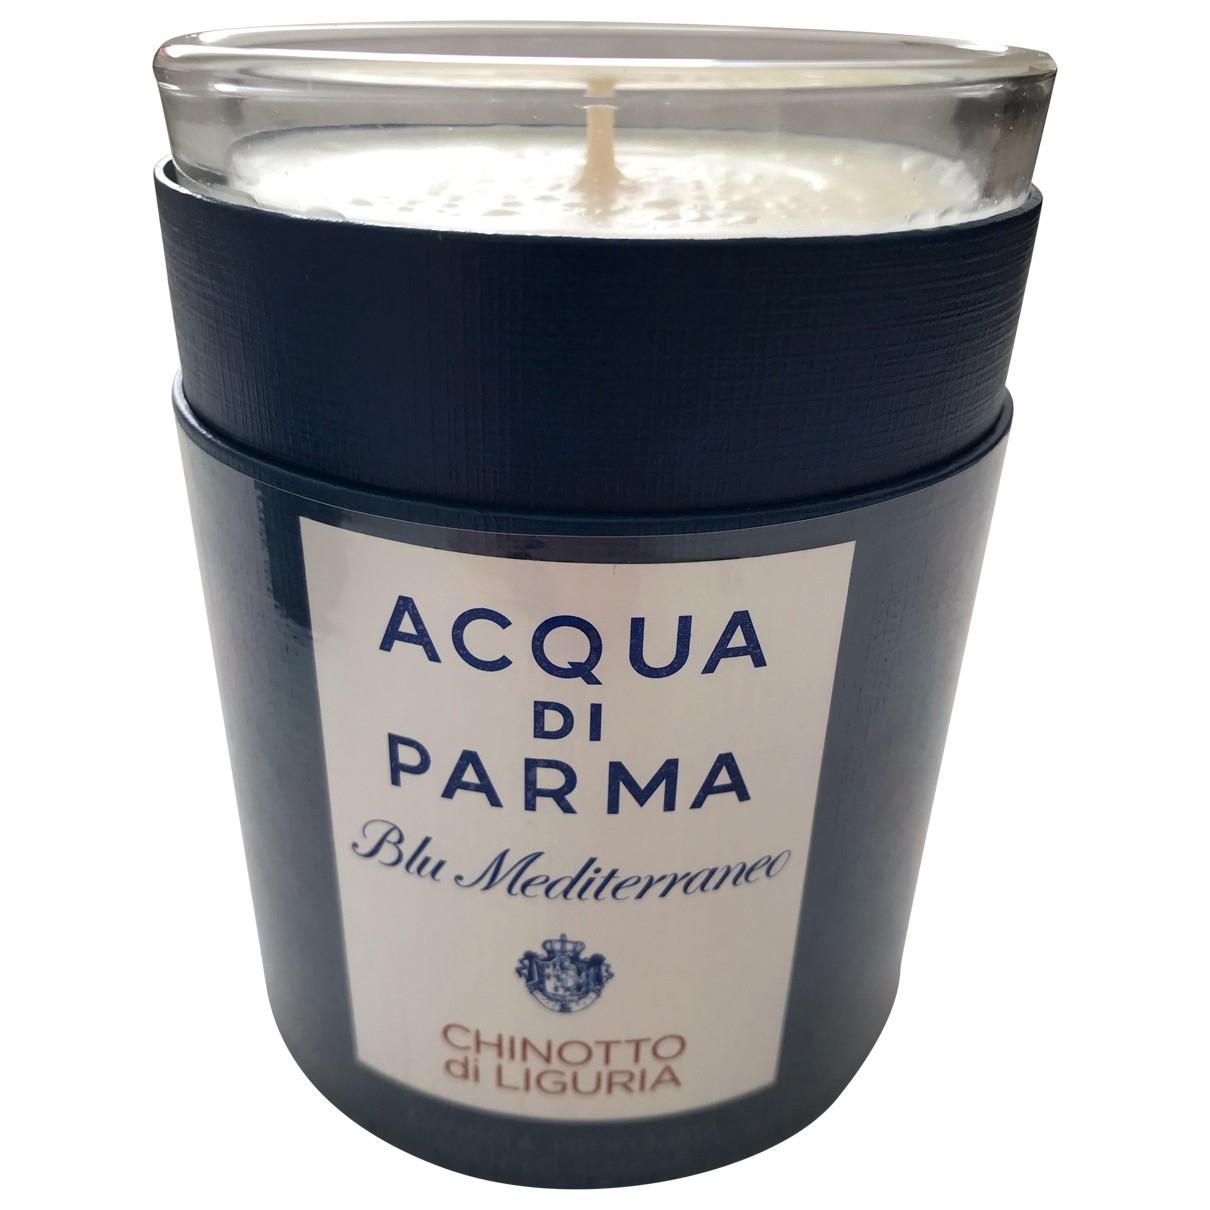 Acqua Di Parma - Objets & Deco   pour lifestyle en verre